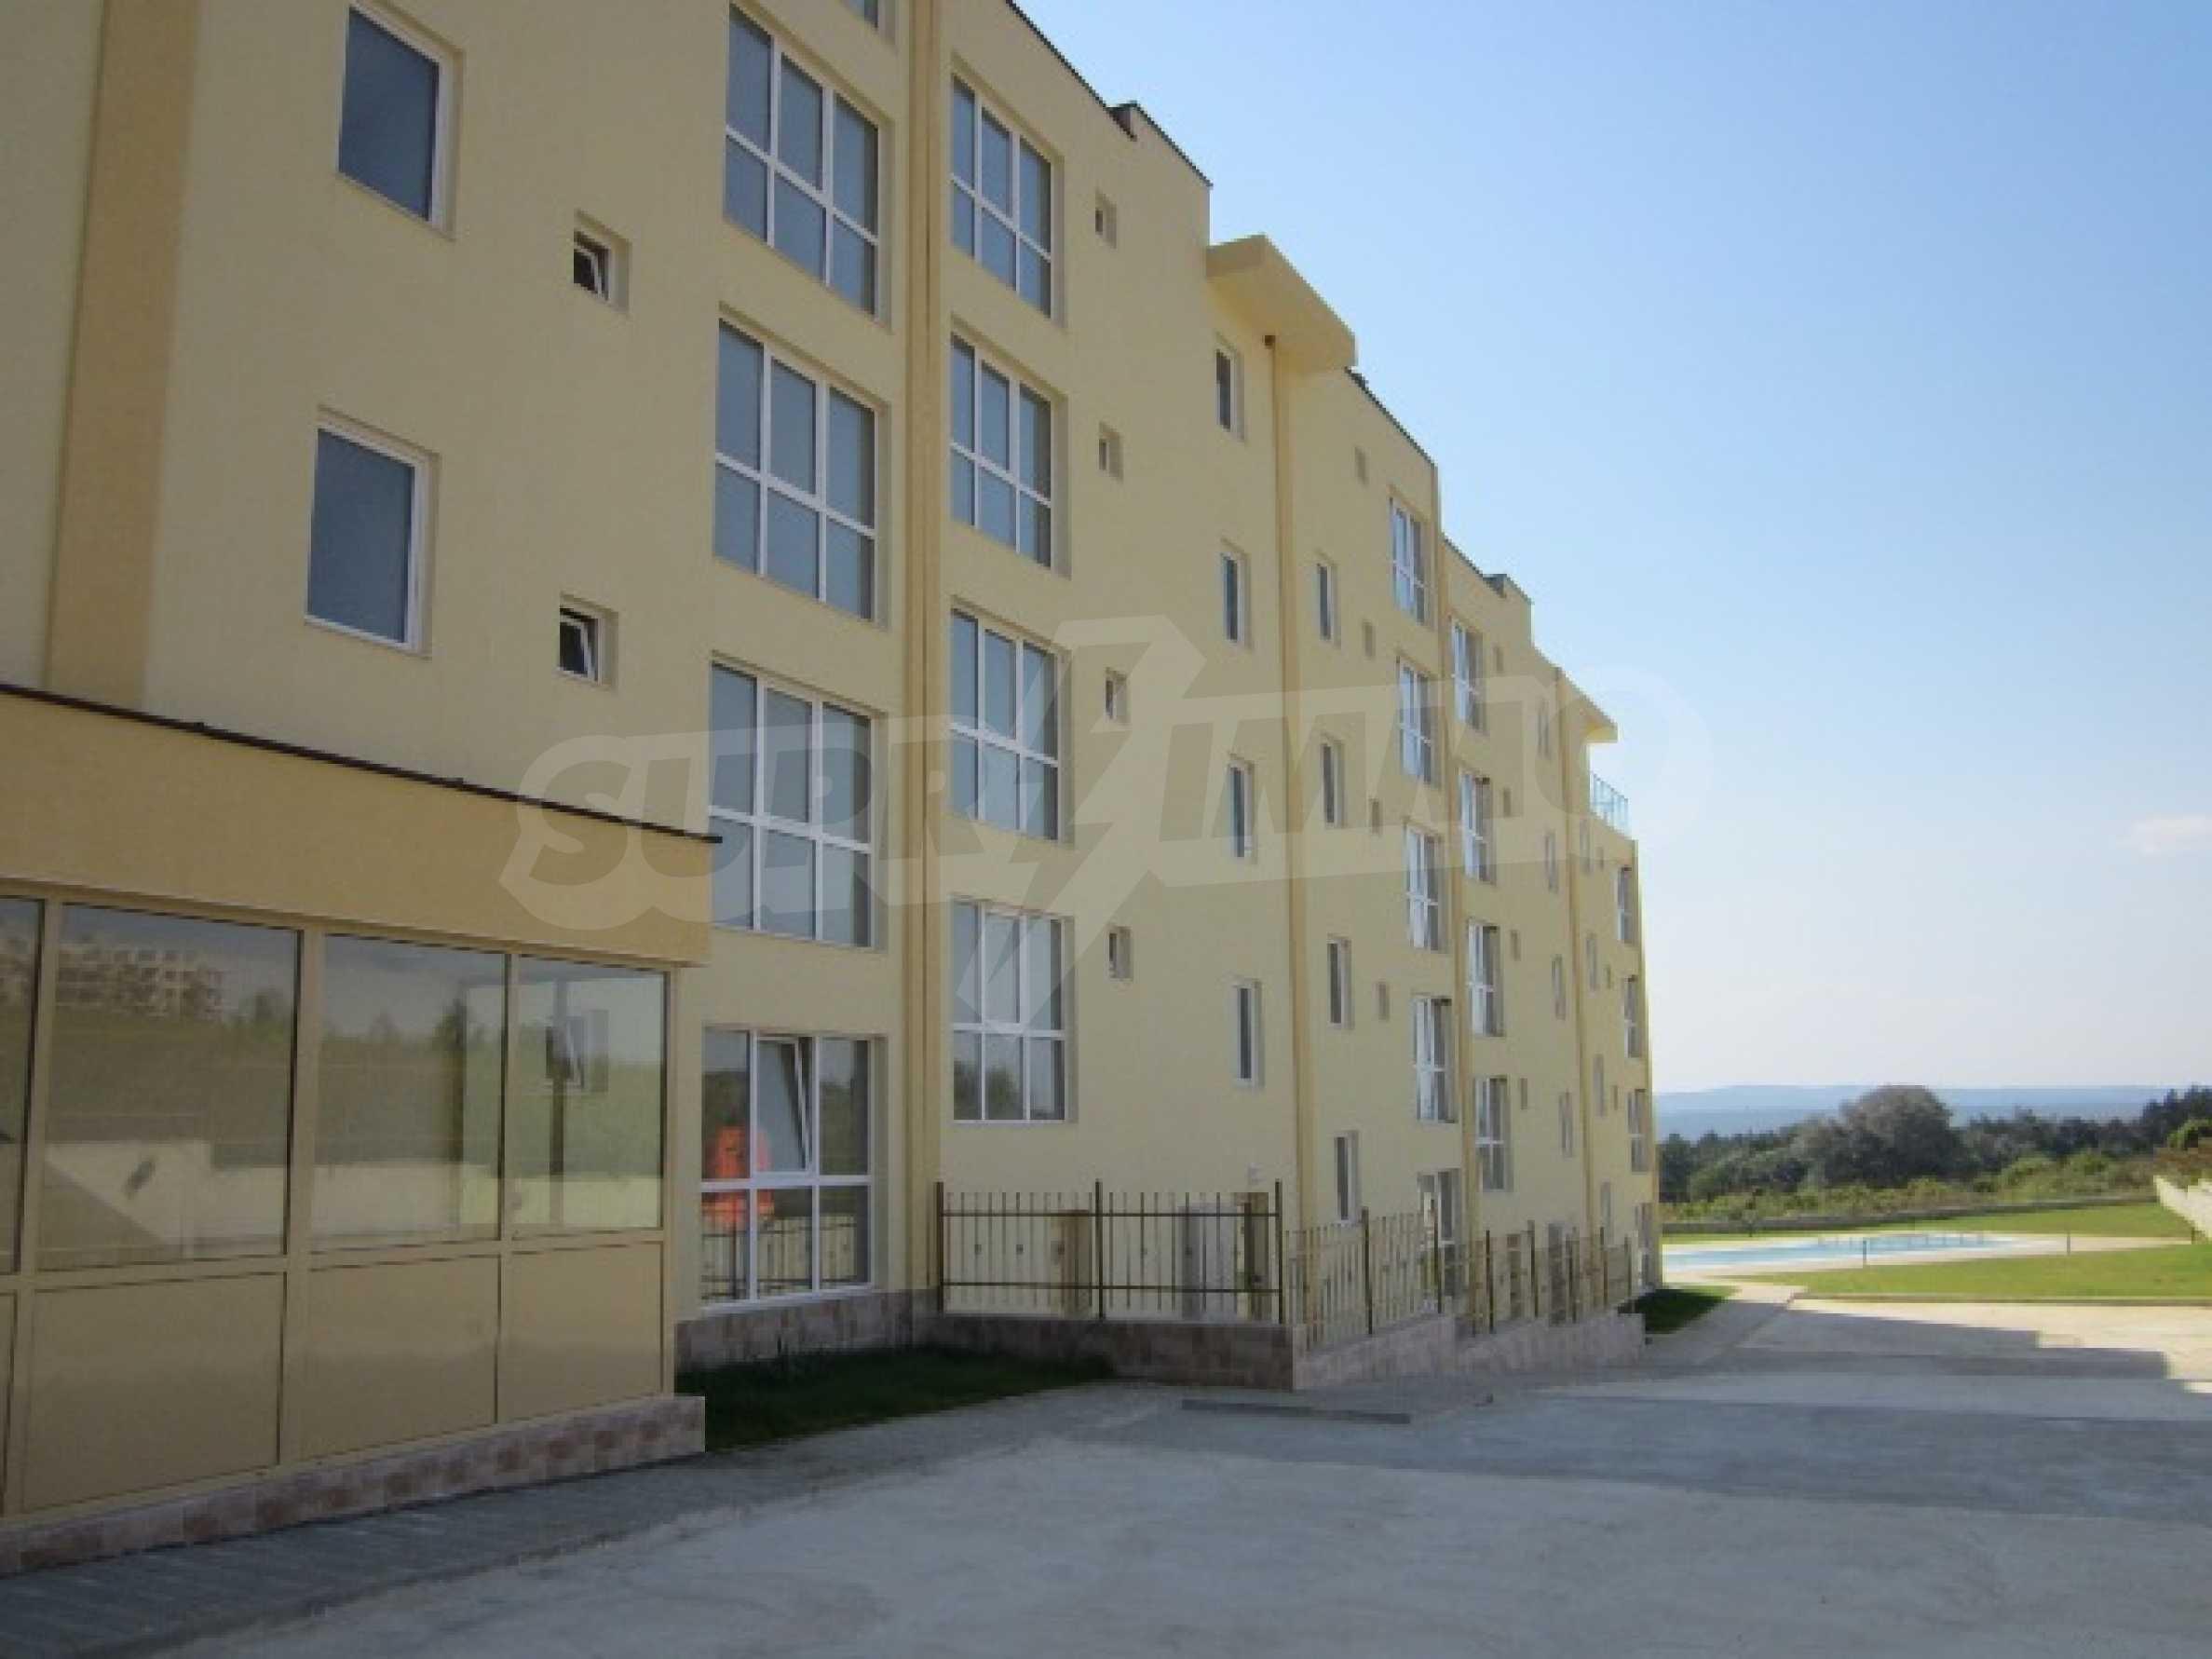 Апартаменти с морска панорама 3